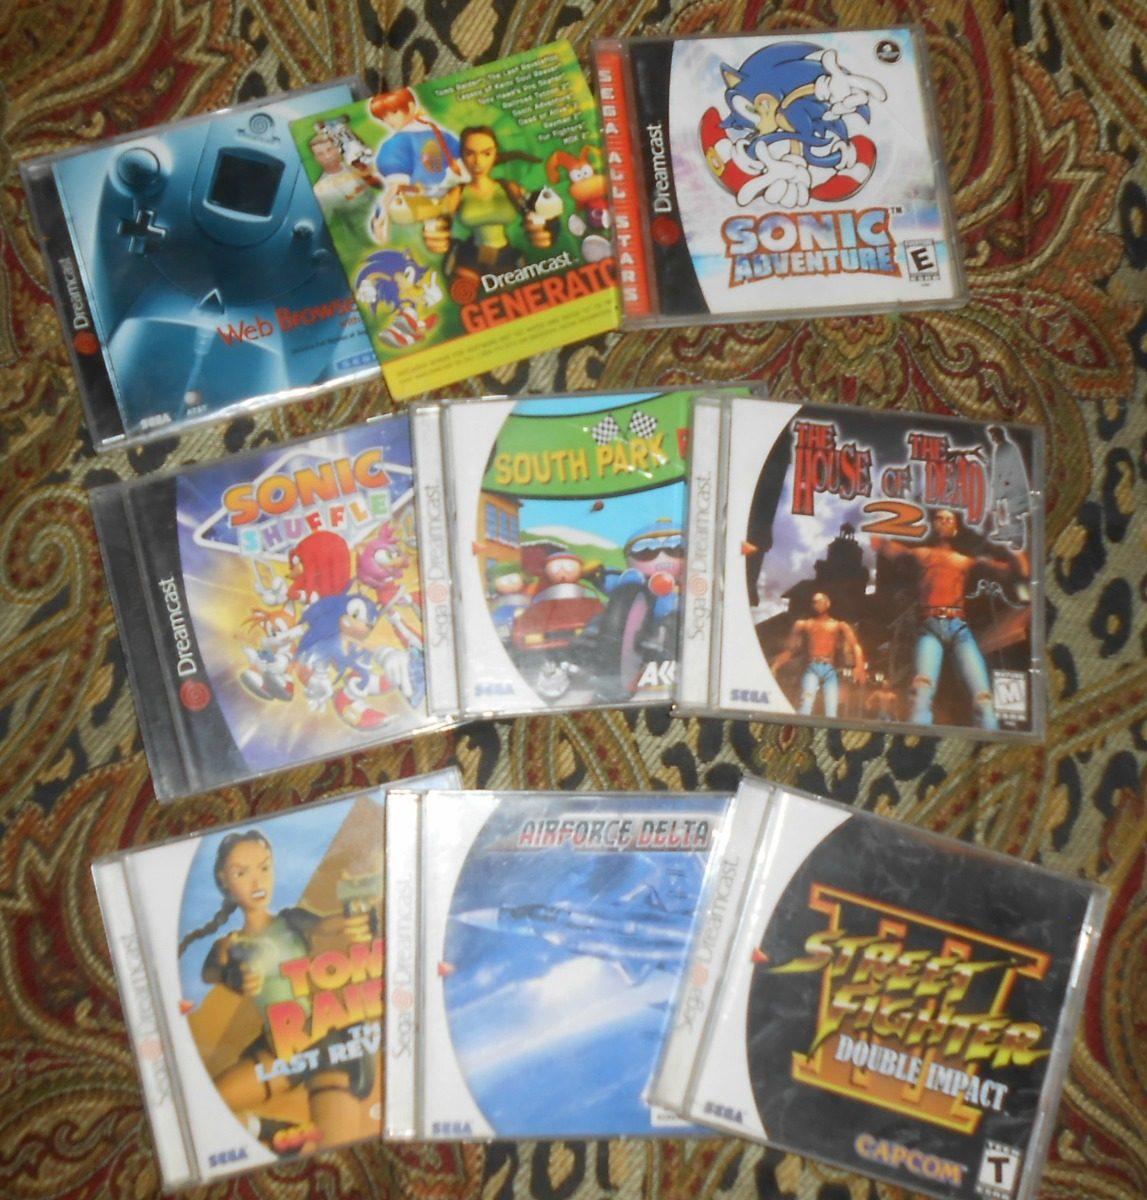 Sega Dreamcast Consola Completa Con 7 Juegos Remate 3 599 00 En